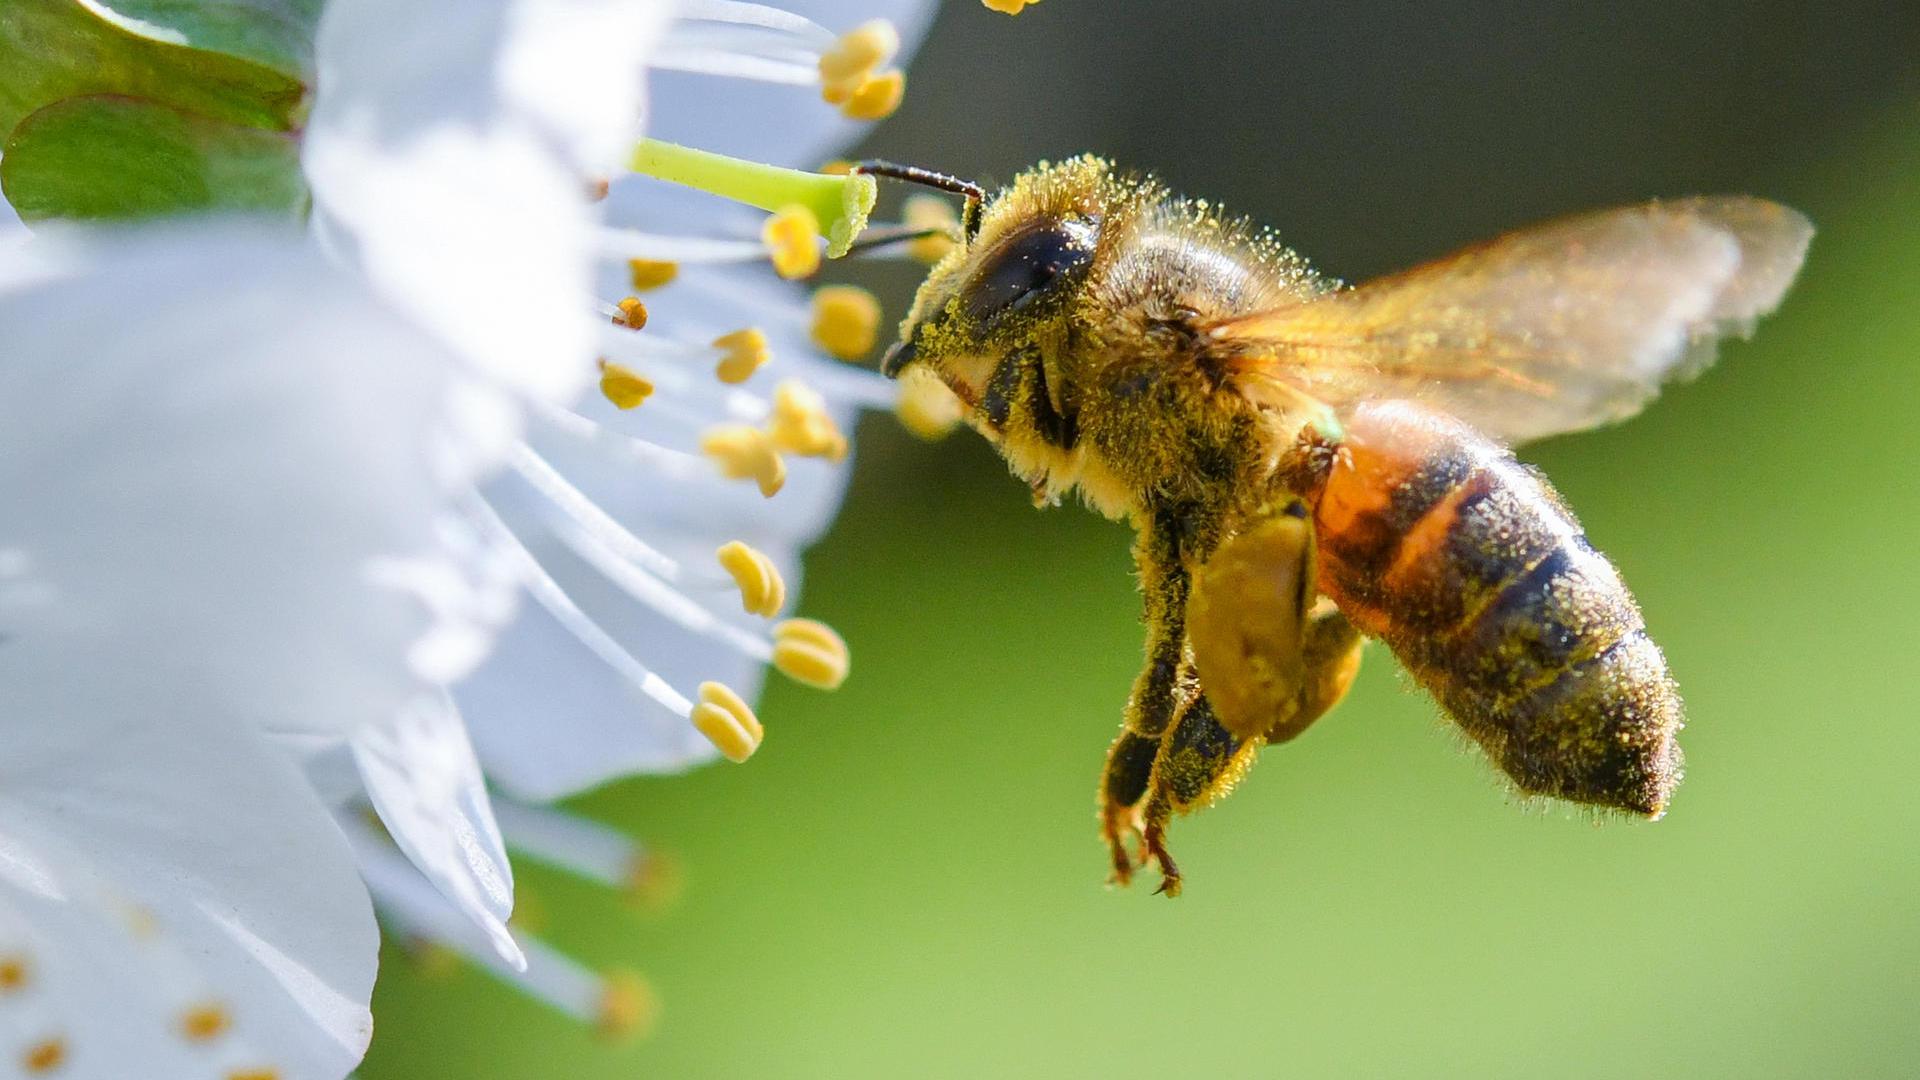 ARCHIV - ILLUSTRATION - 19.04.2018, Brandenburg, Markendorf: Eine Biene ist im Anflug auf eine Süßkirschblüte auf einer Obstbaumplantage. (zu dpa «Freilandverbot von Neonikotinoiden? EU-Staaten stimmen amFreitag ab» vom 24.04.2018) Foto: Patrick Pleul/dpa-Zentralbild/dpa +++ dpa-Bildfunk +++